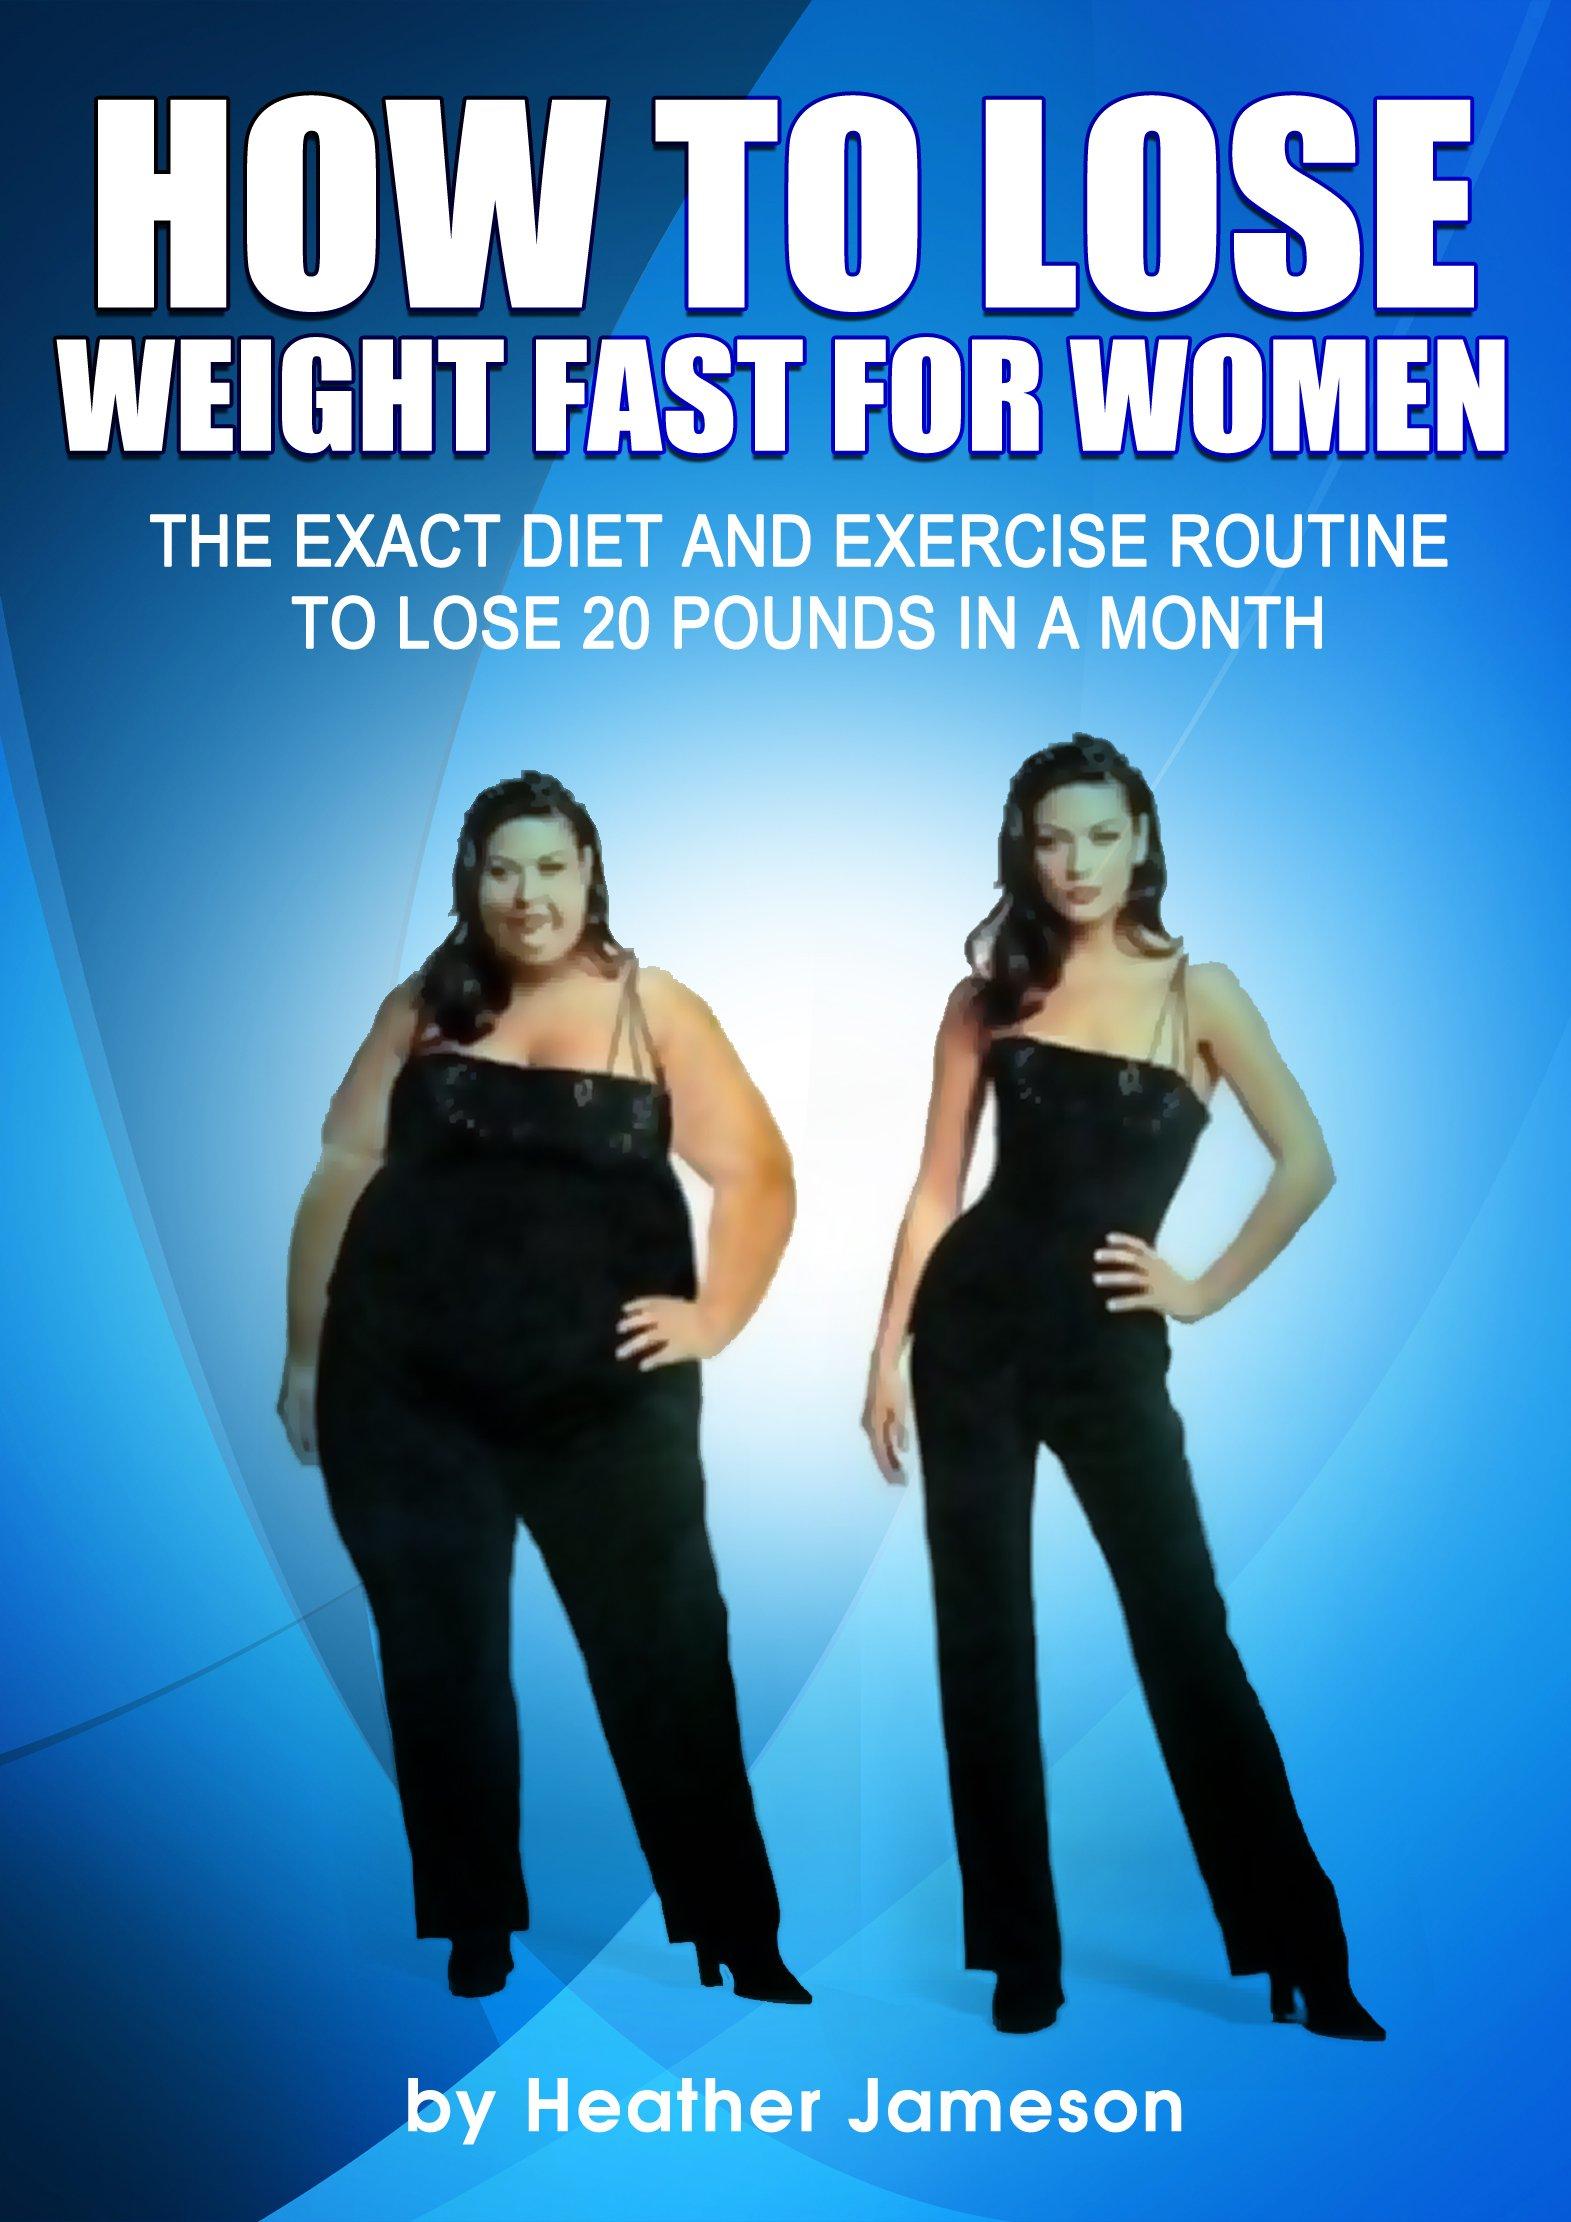 Perder 20 libras rápido - plan de dieta y ejercicio para perder 20 libras